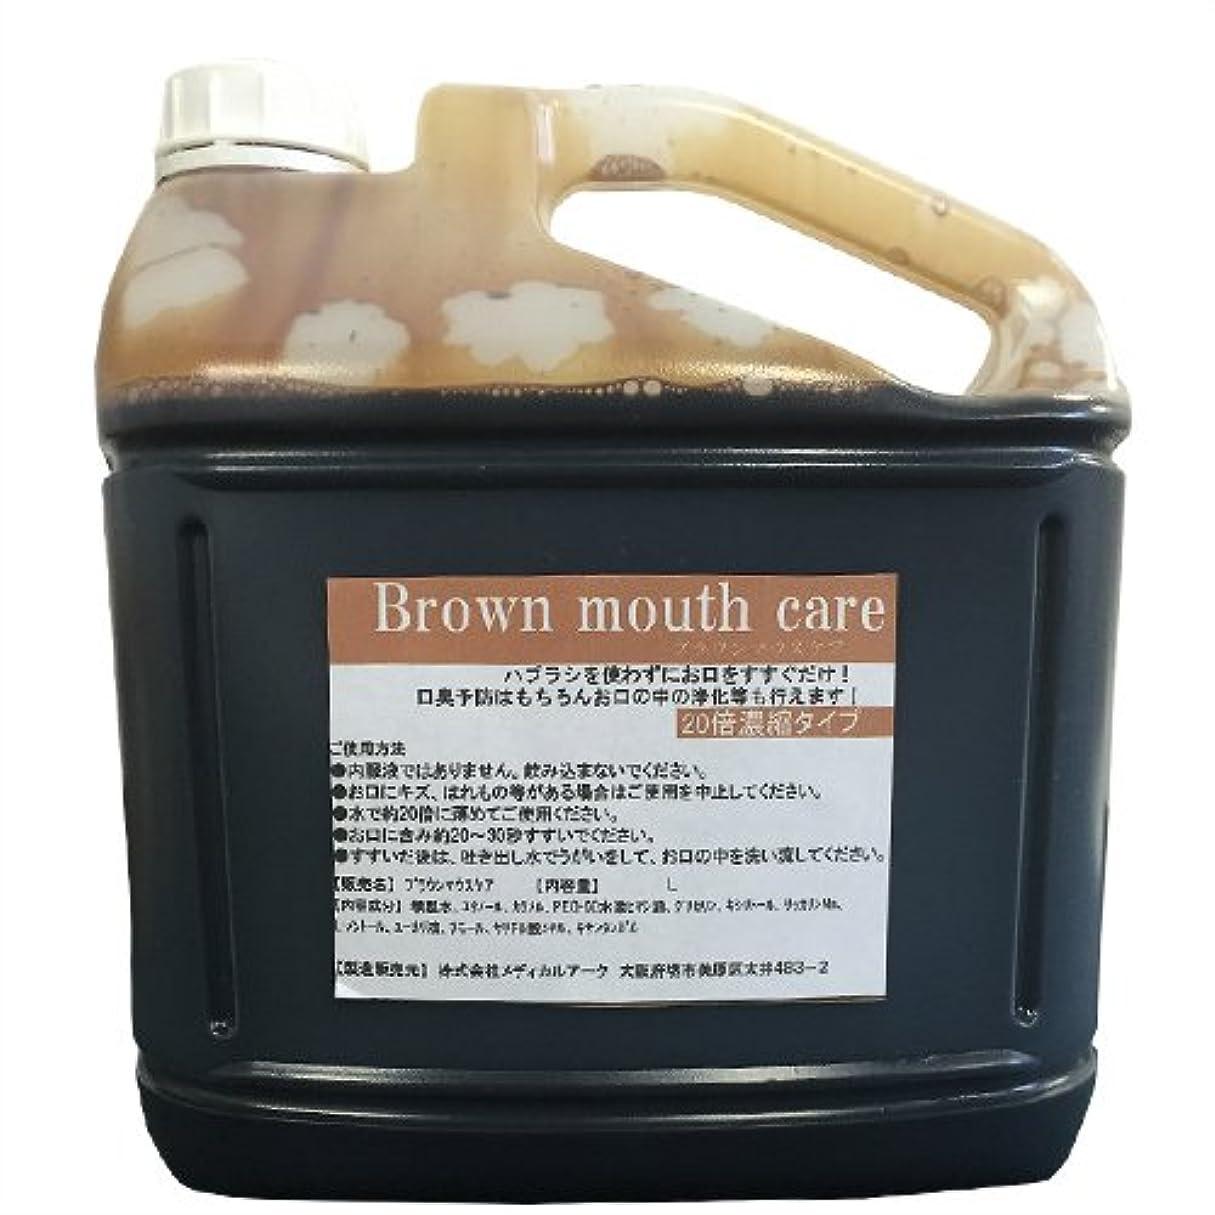 最高漏れ偏見業務用洗口液 ガーグル ブラウンマウスケア (Brown mouth care) 20倍濃縮タイプ 5L (詰め替えコック付き)